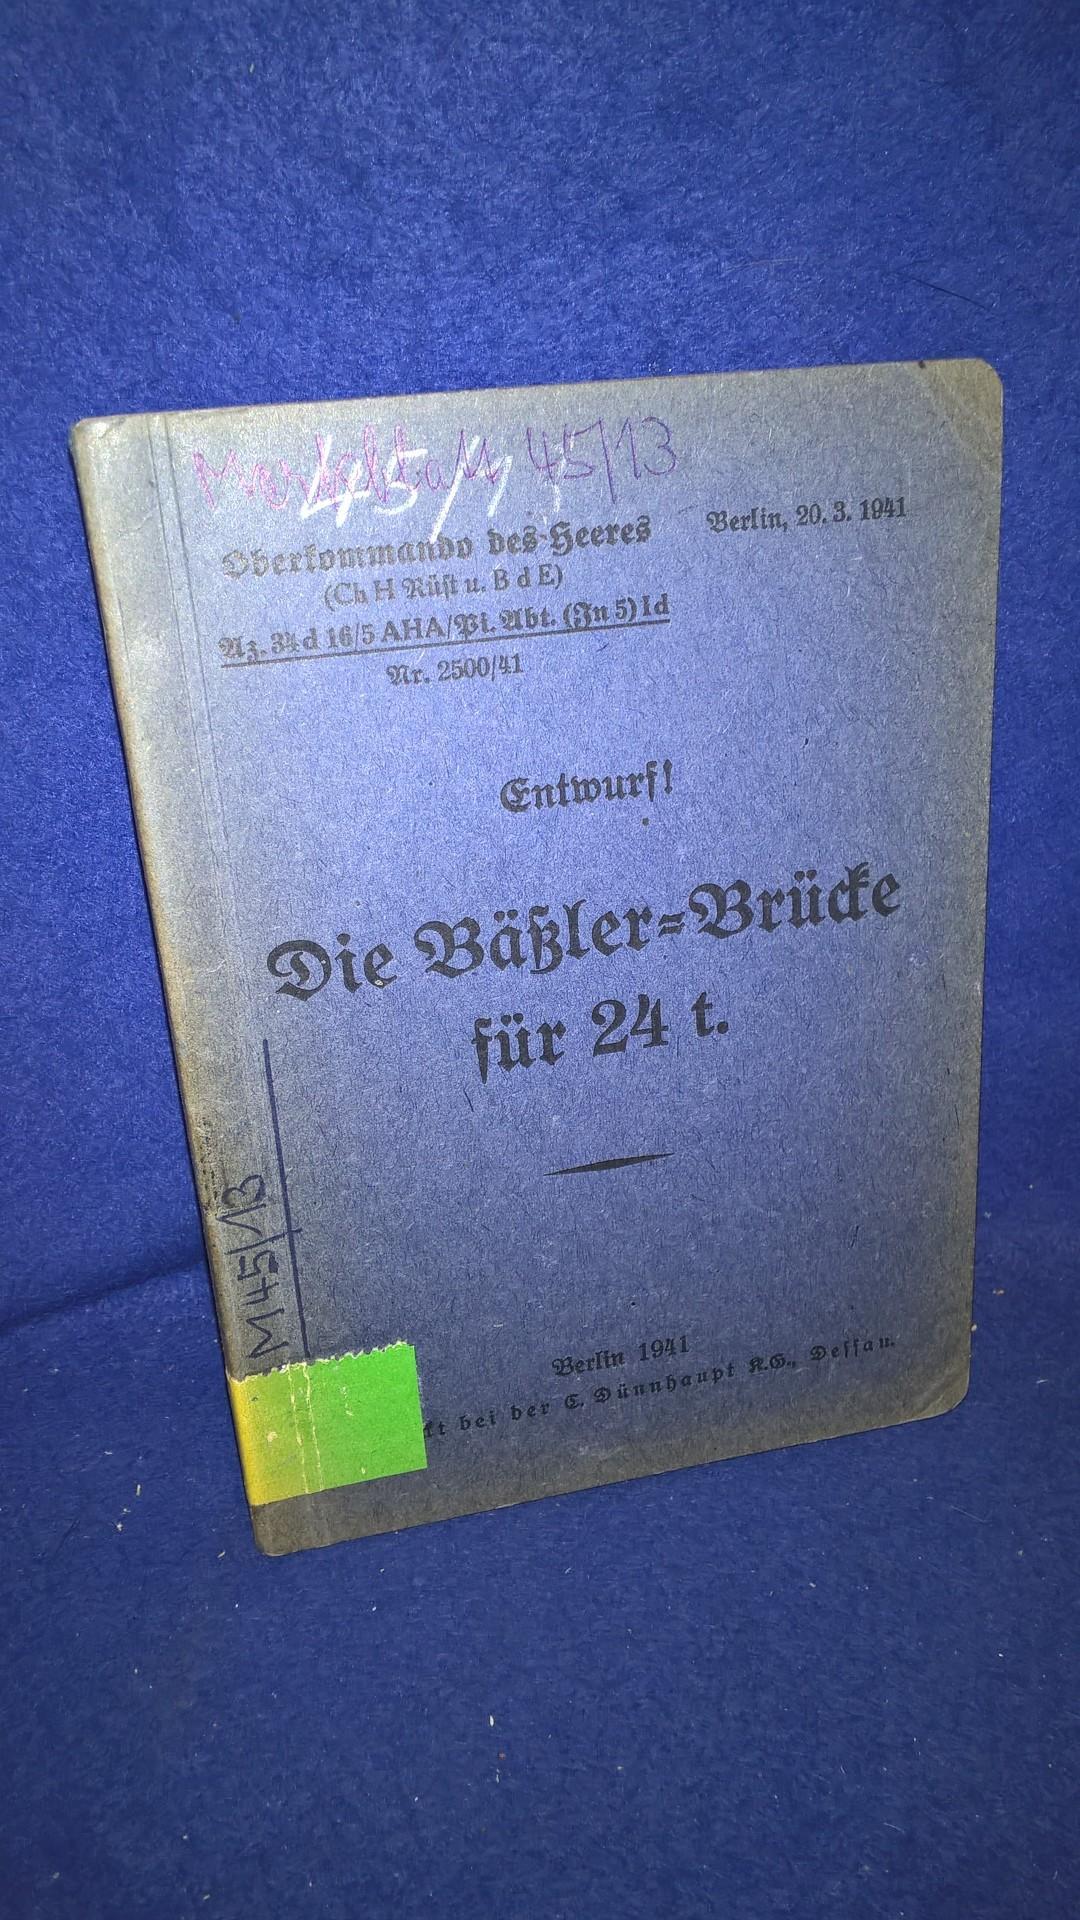 Oberkommando des Heeres. (Chef. H.-Rüst.). Merkblatt 45/13. Die Bäßler-Brücke für 24 t. Vom 1941.